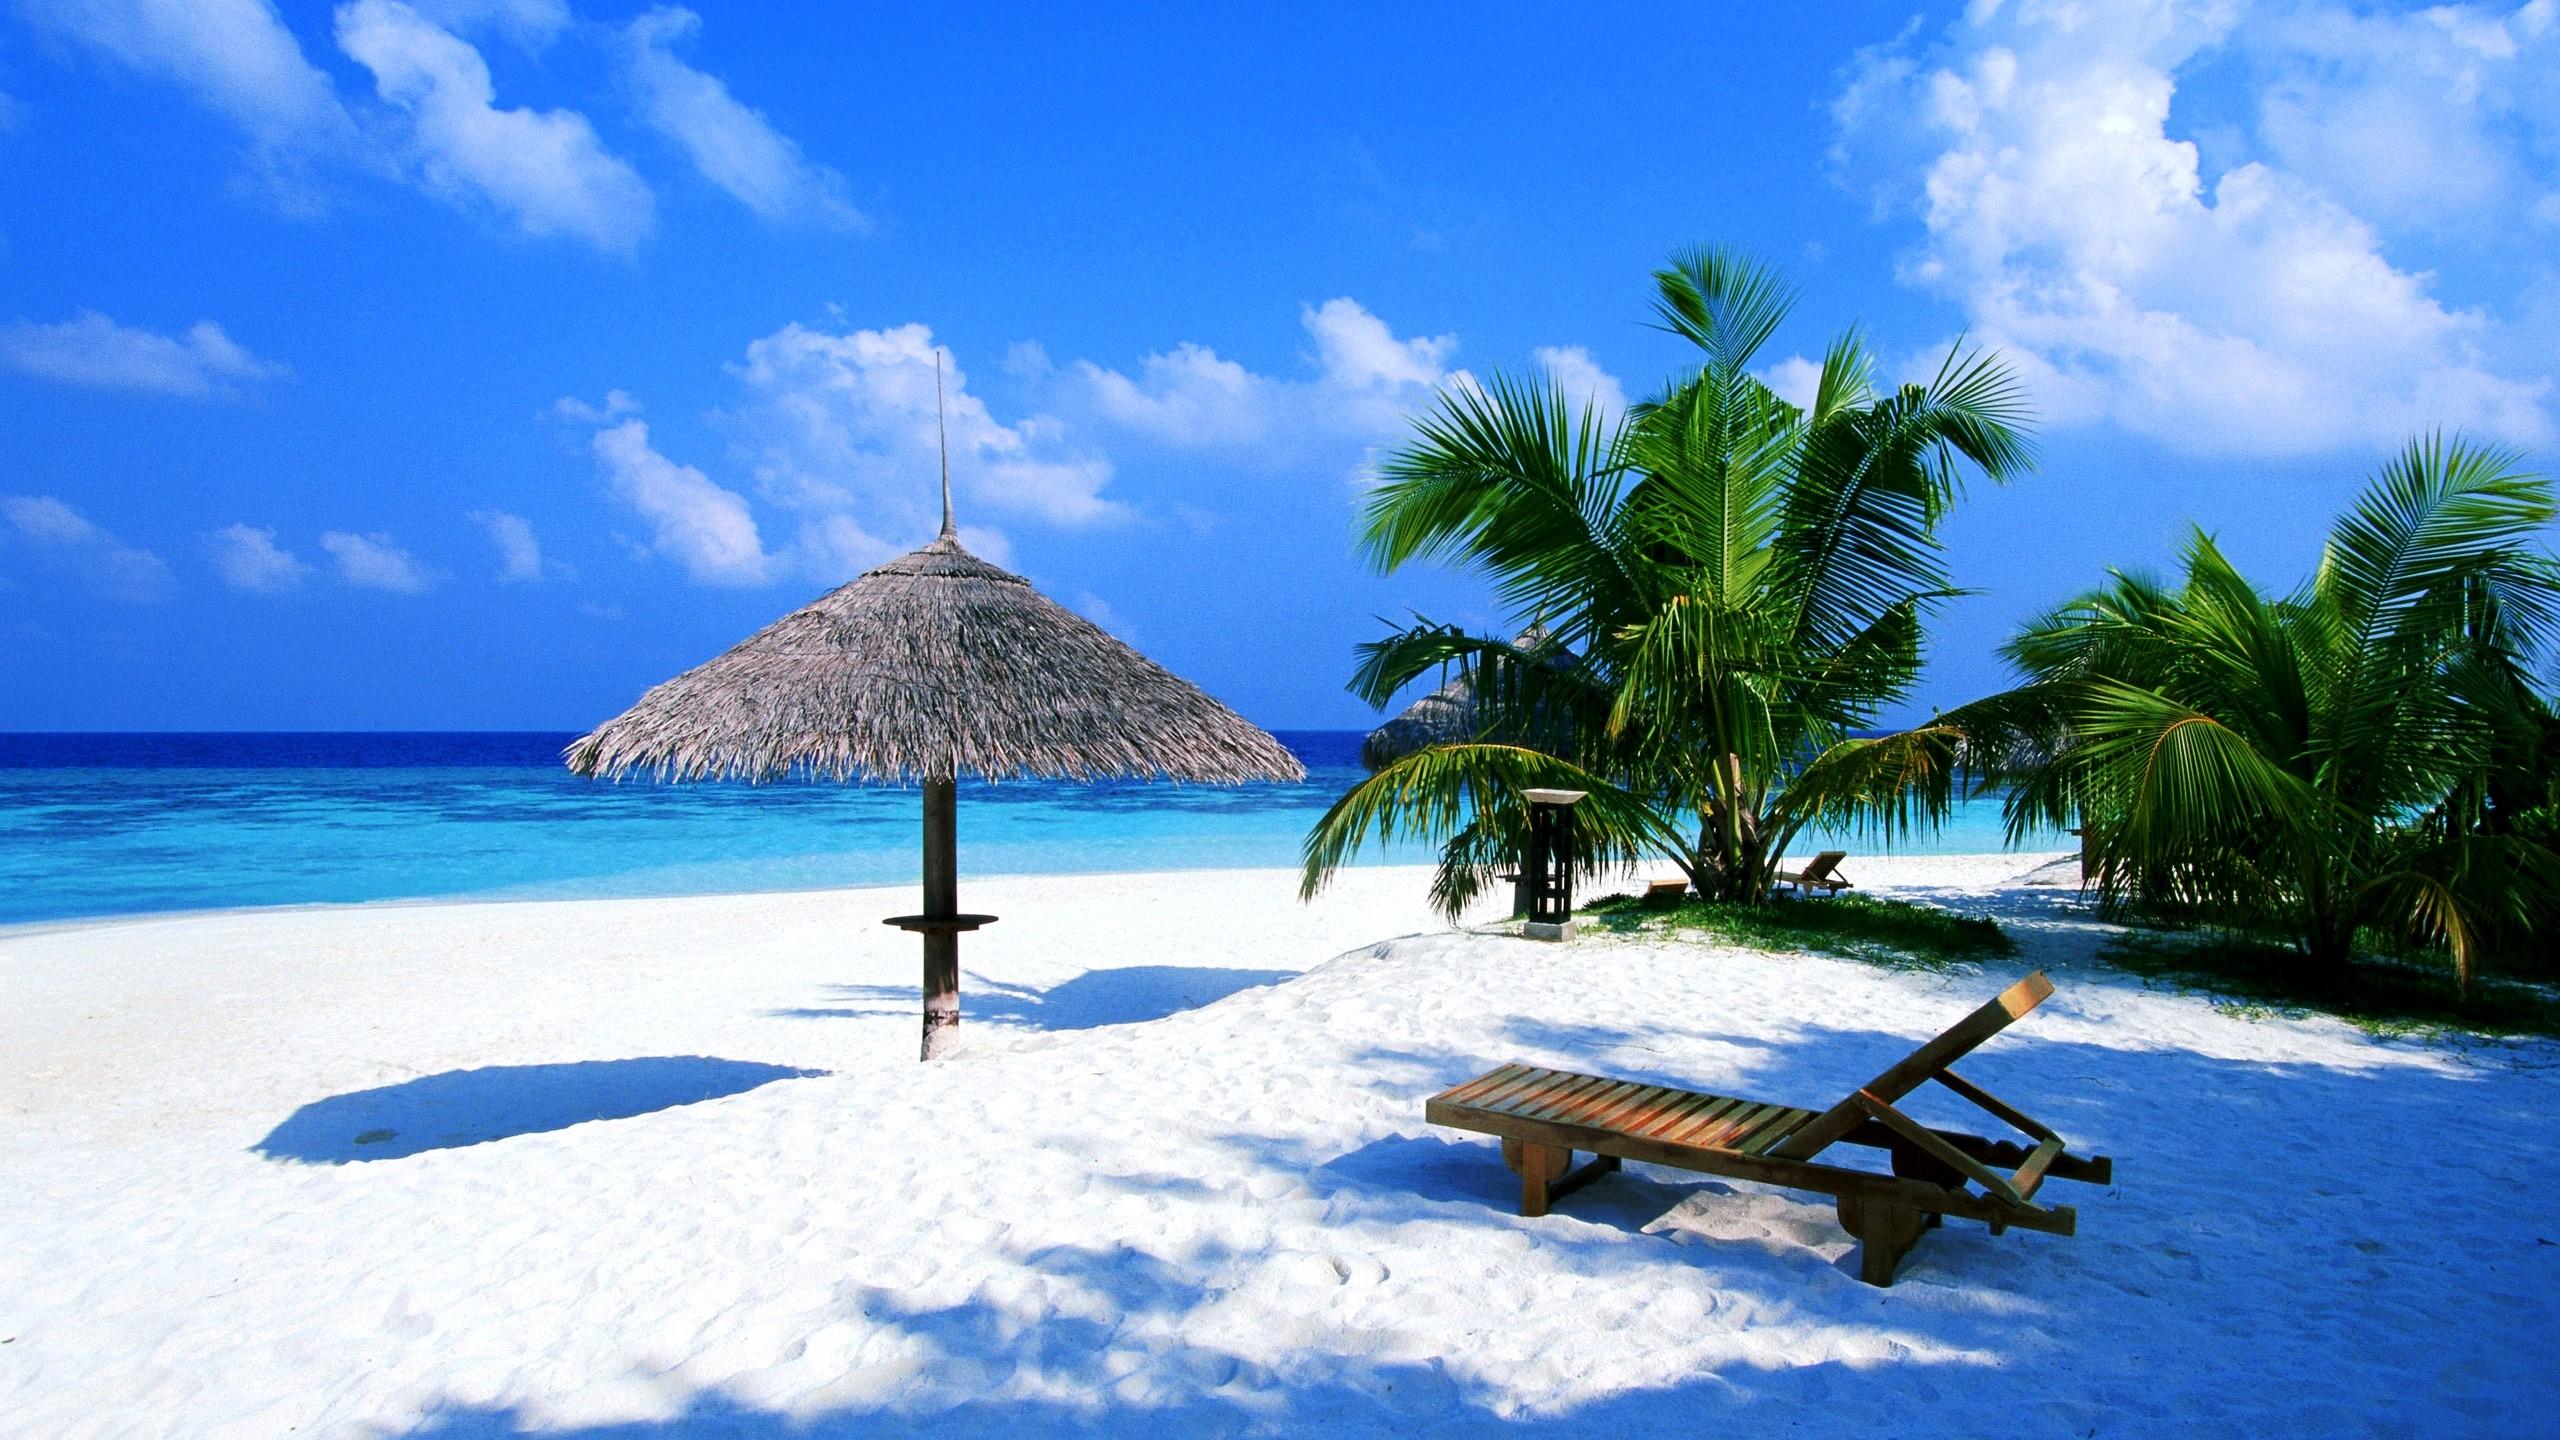 Free Desktop Backgrounds Beach Scenes